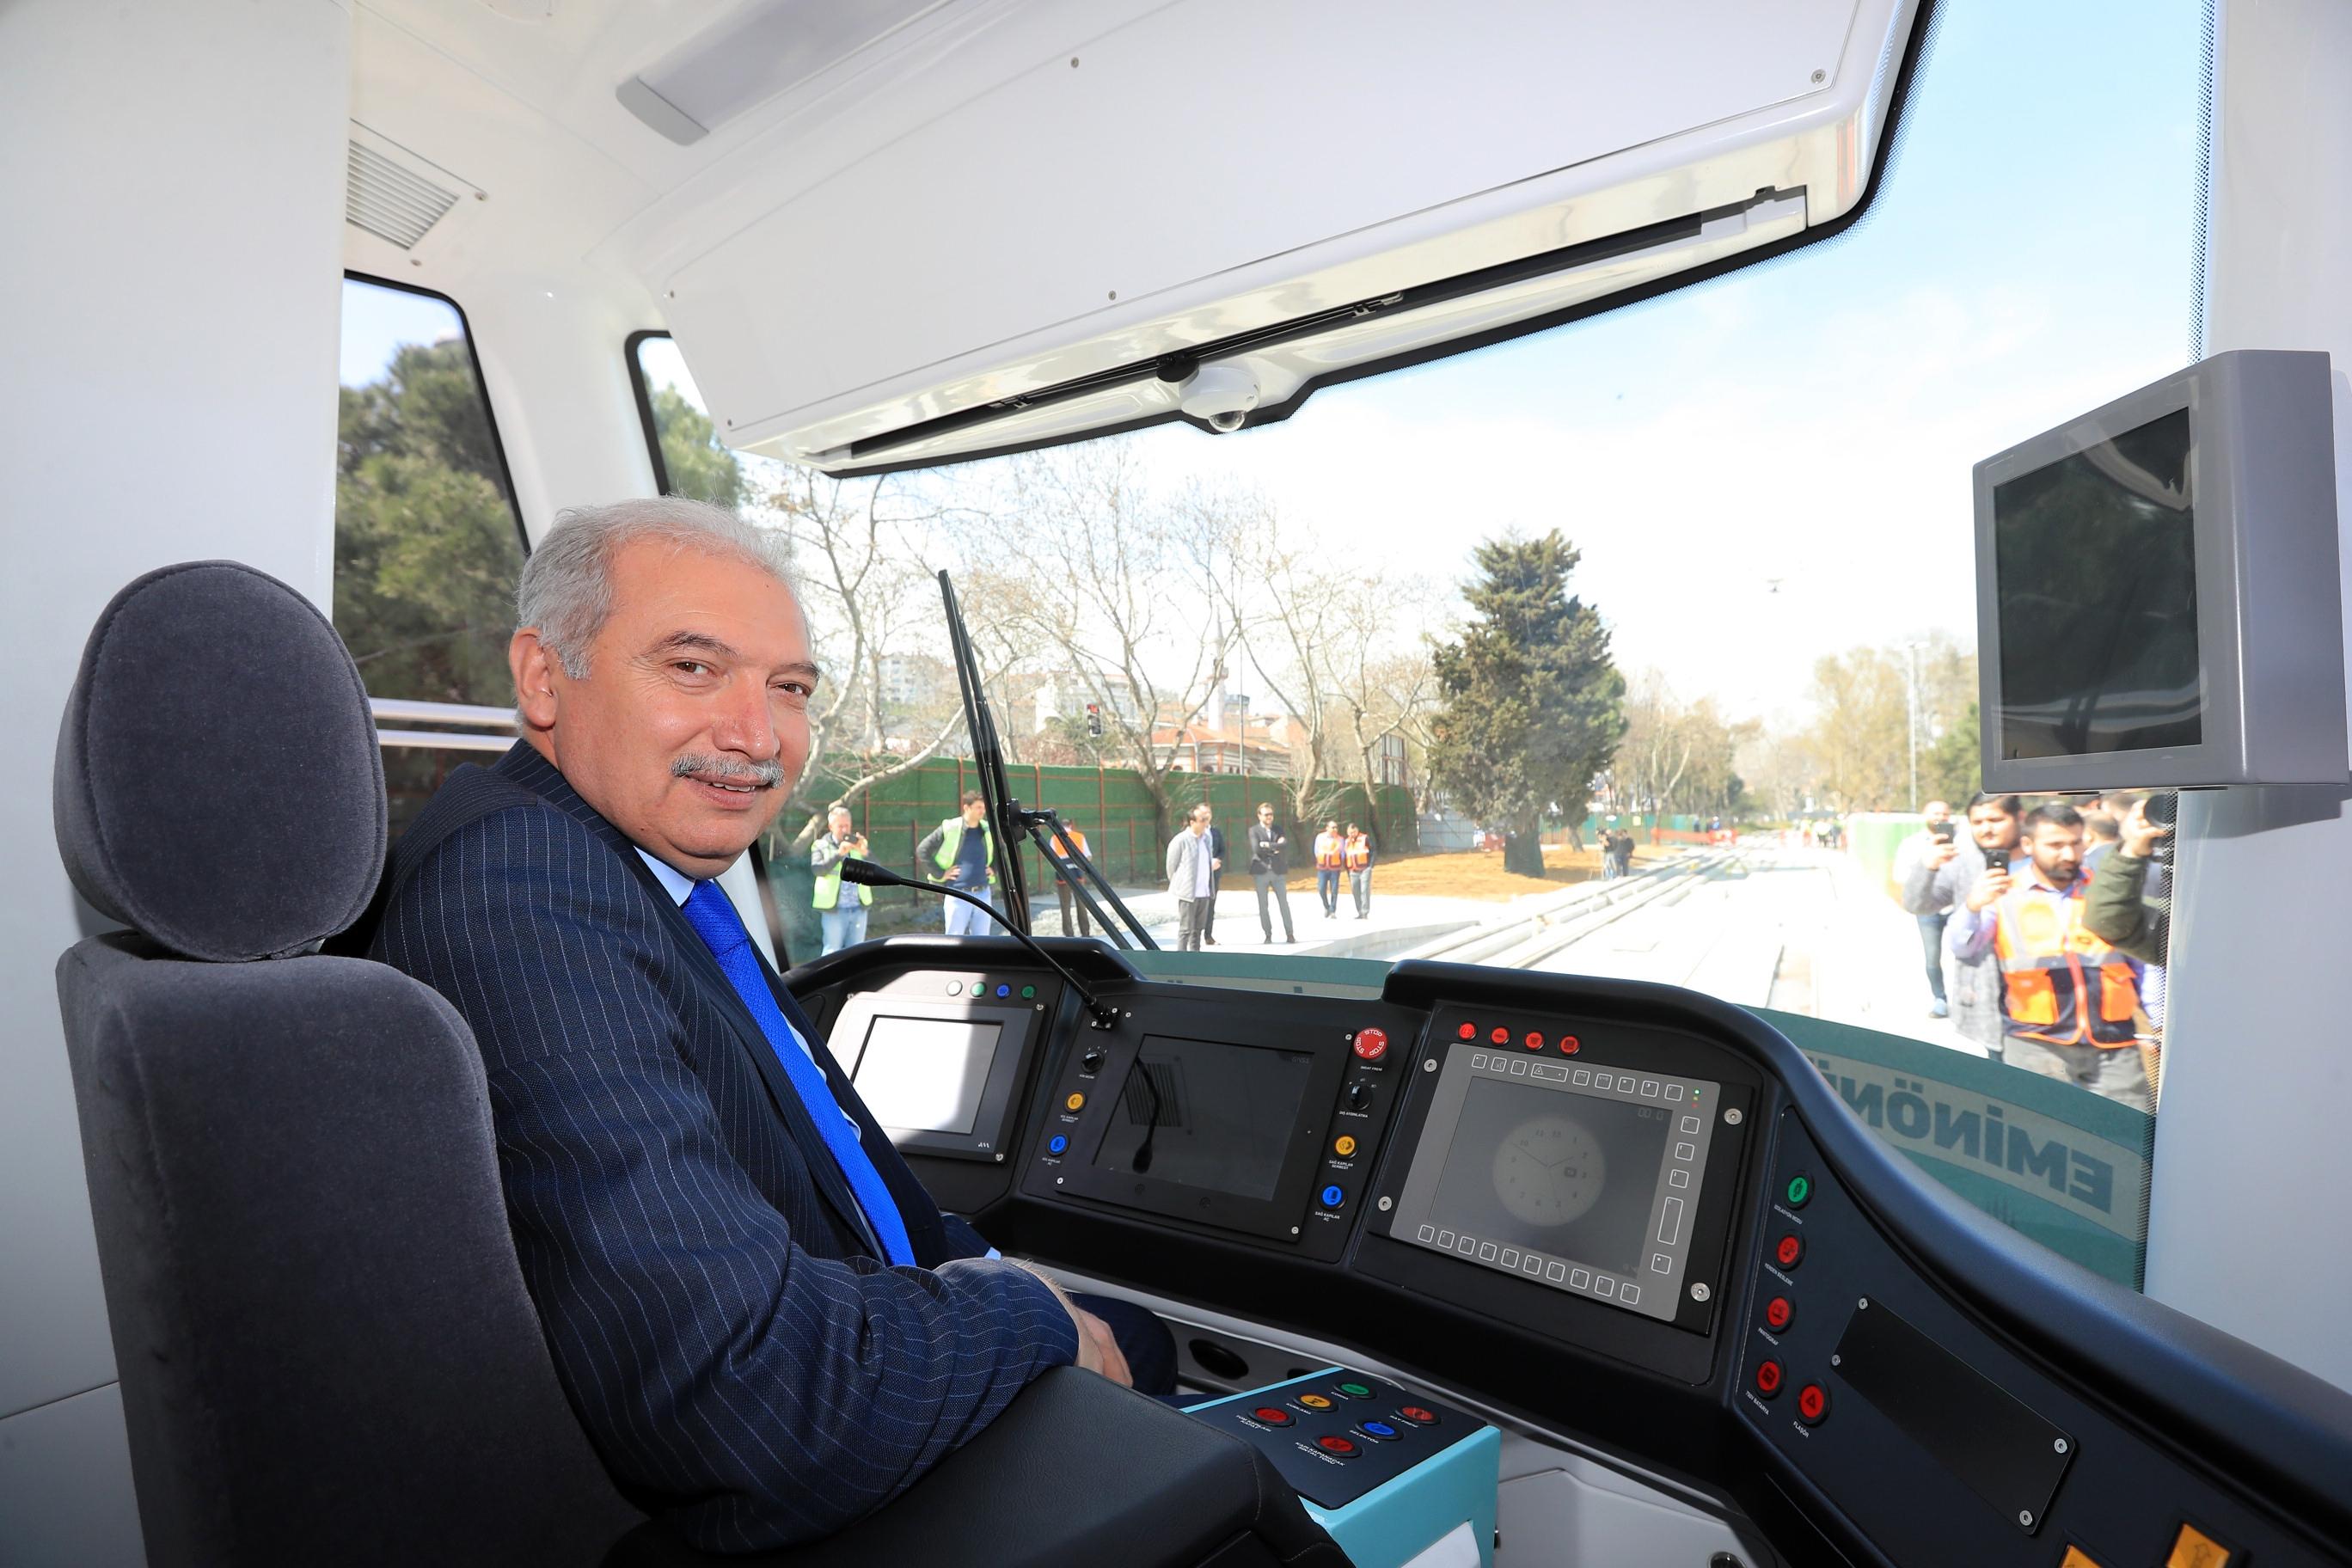 İstanbul'da tarihi gün! Mevlüt Uysal, 2 farklı raylı sistem hattında test sürüşü yaptı